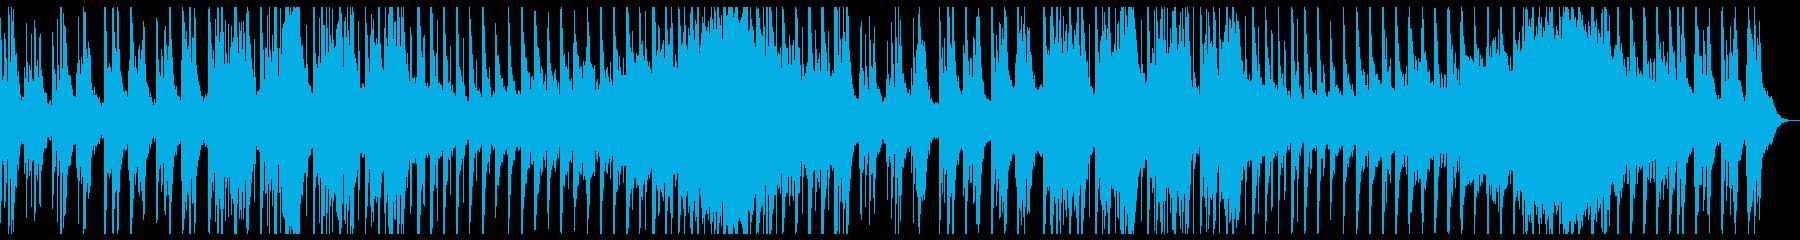 明るく爽やかなチルアウトポップ。の再生済みの波形